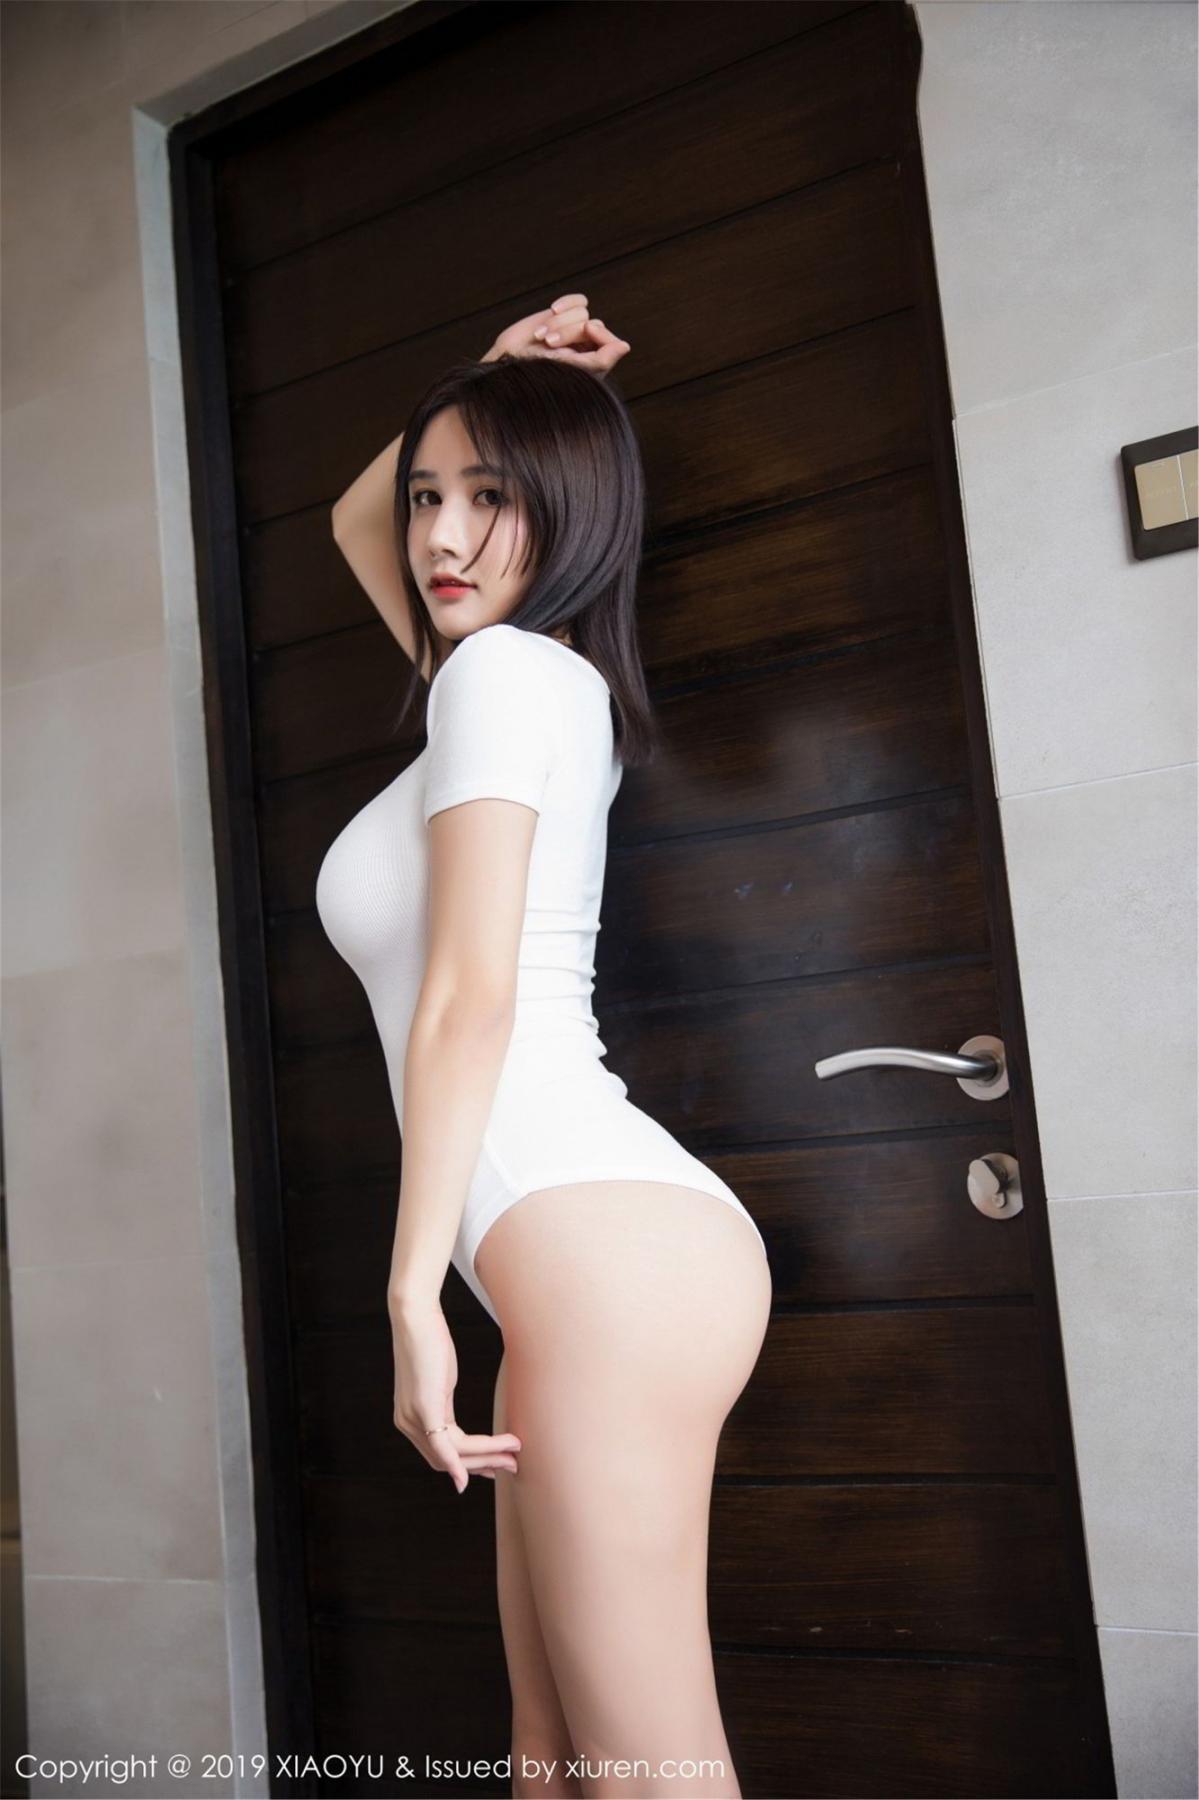 [XiaoYu] Vol.060 Xiao Mo Lin 18P, Bathroom, Lin Lin Ailin, Wet, XiaoYu